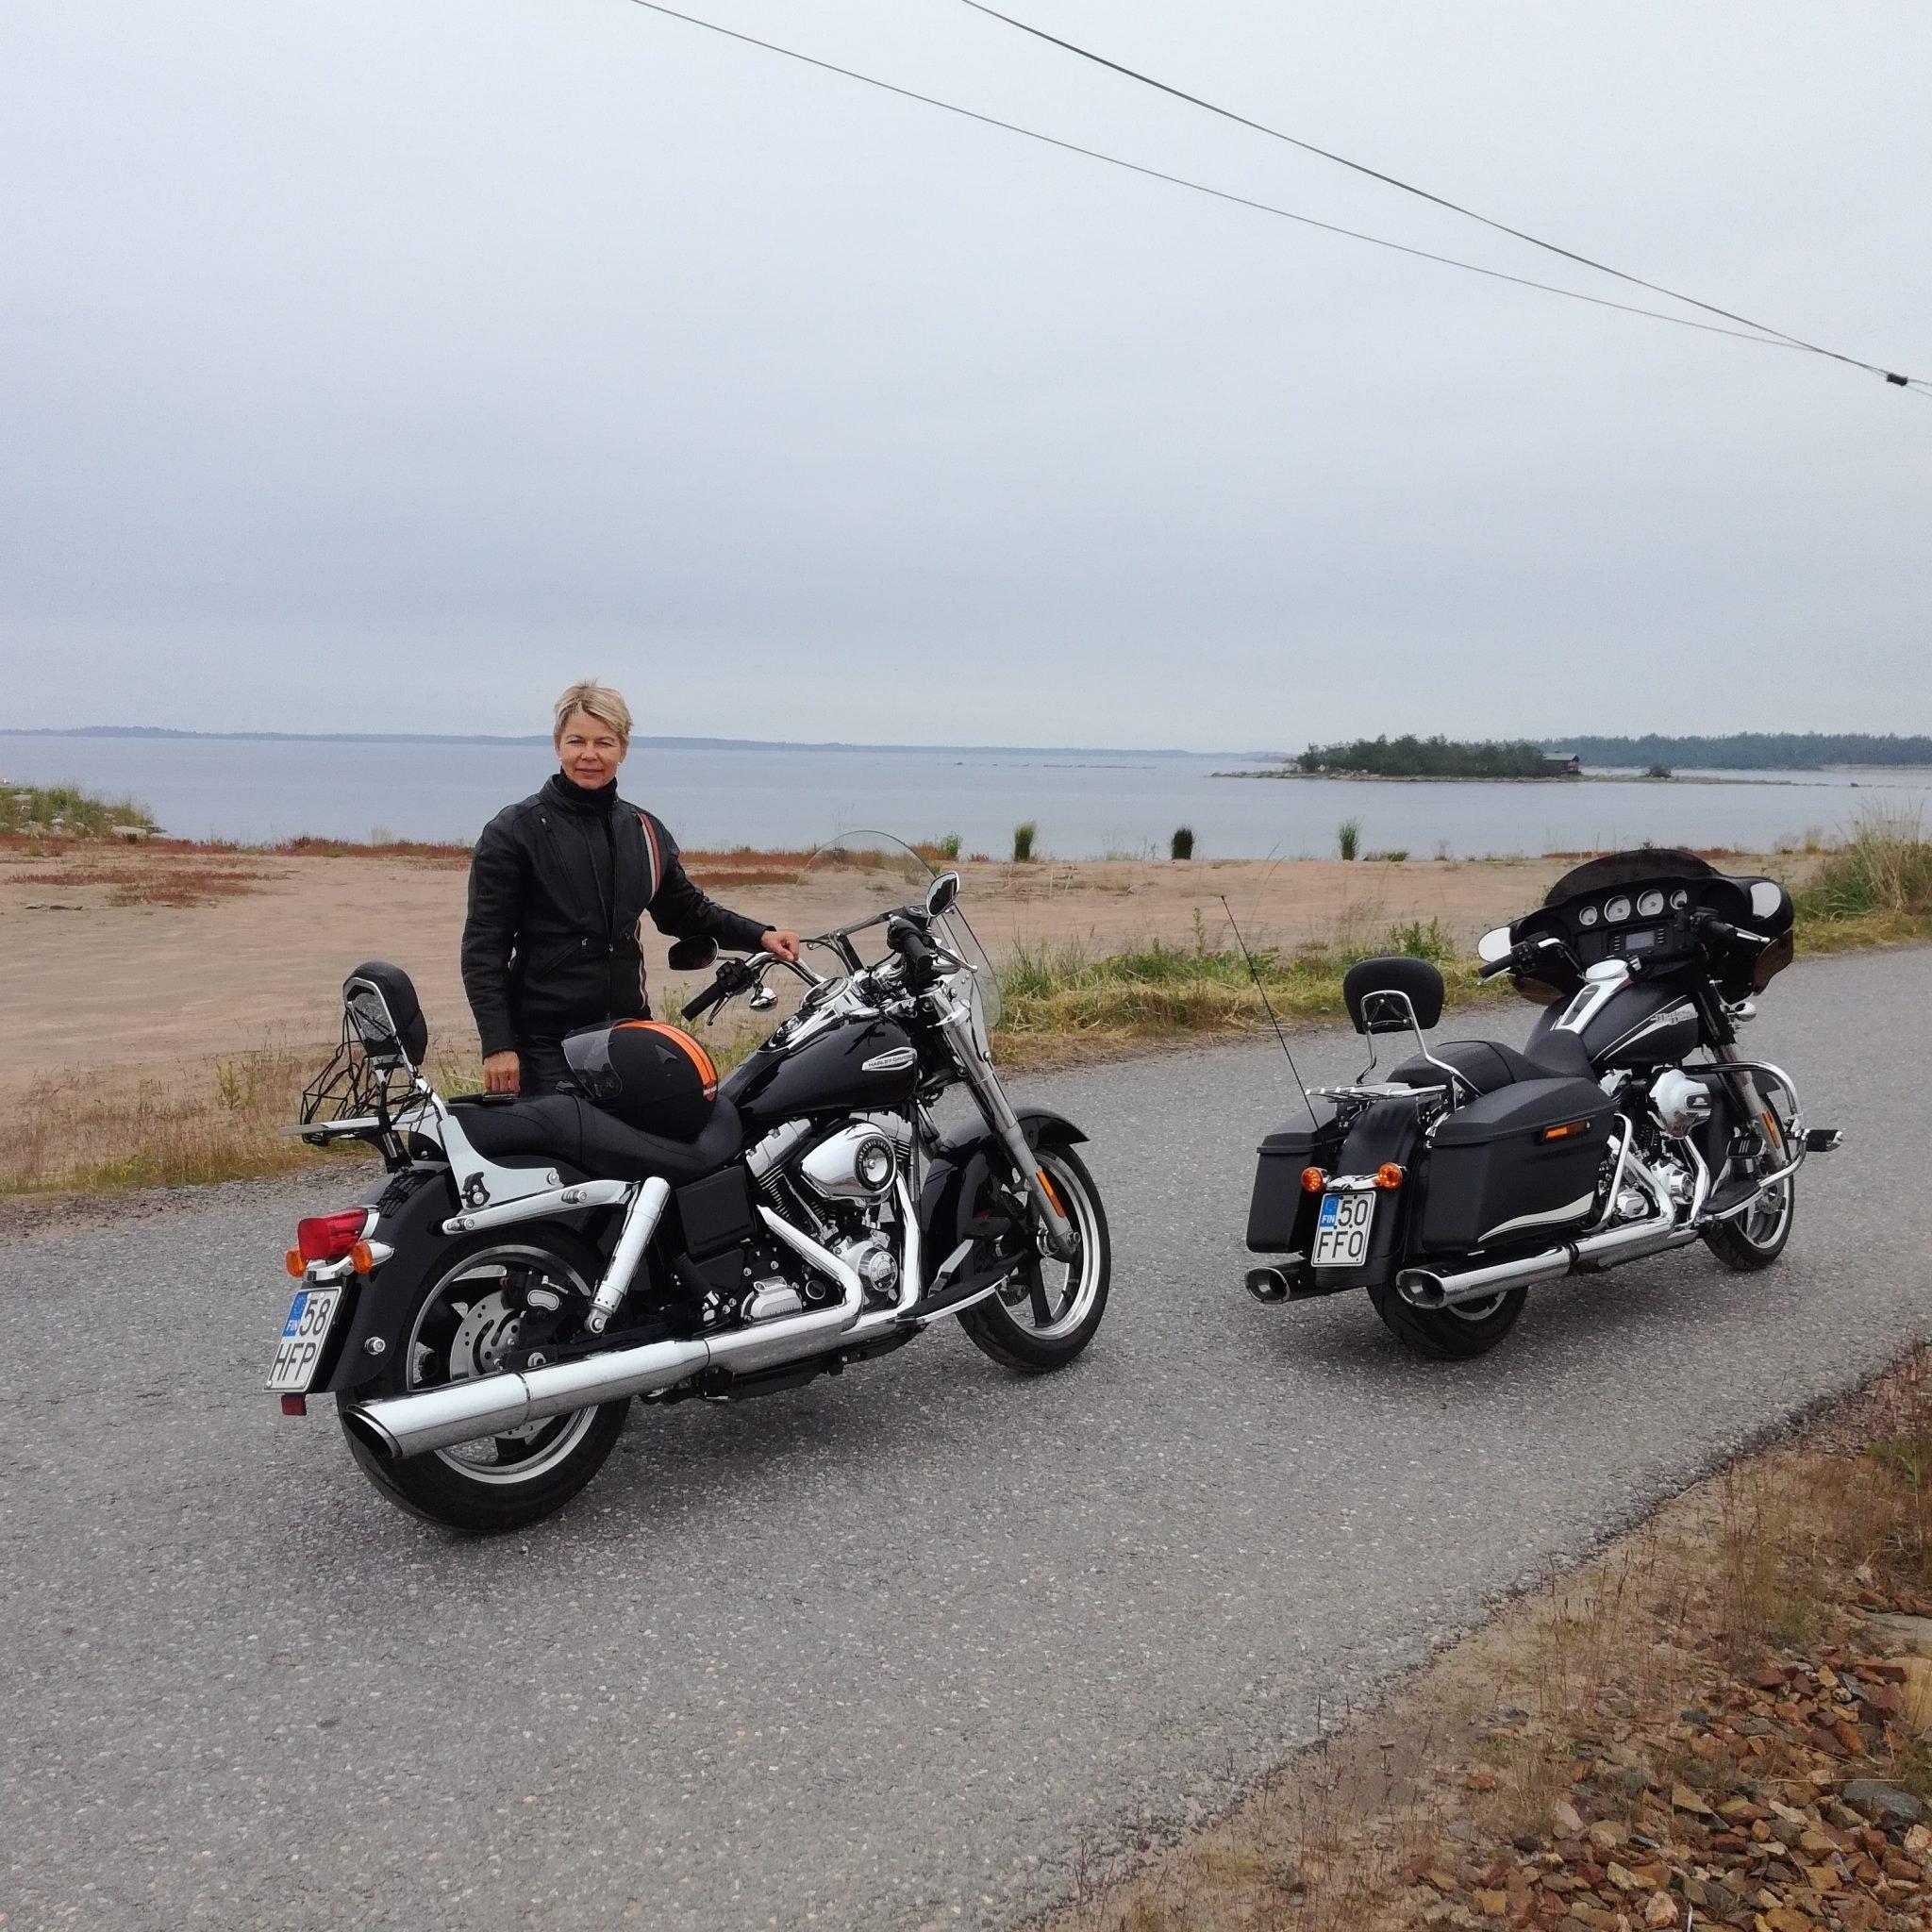 Moottoripyörällä elämyksiä etsien